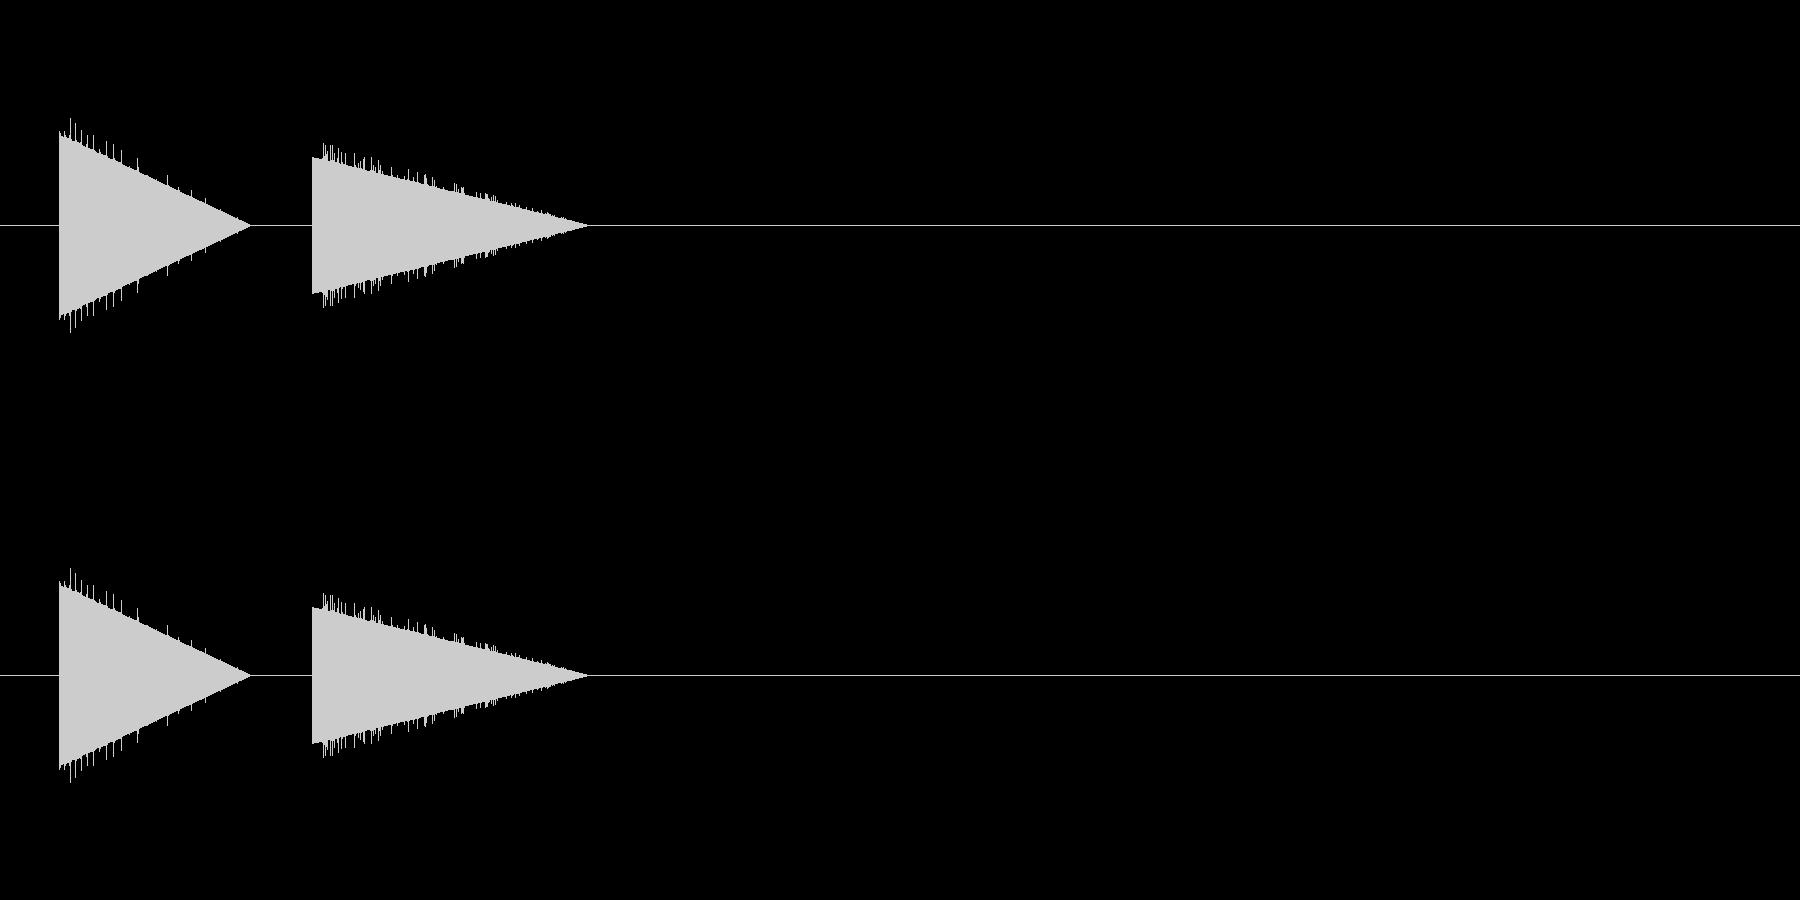 レトロゲーム風・キック#3の未再生の波形